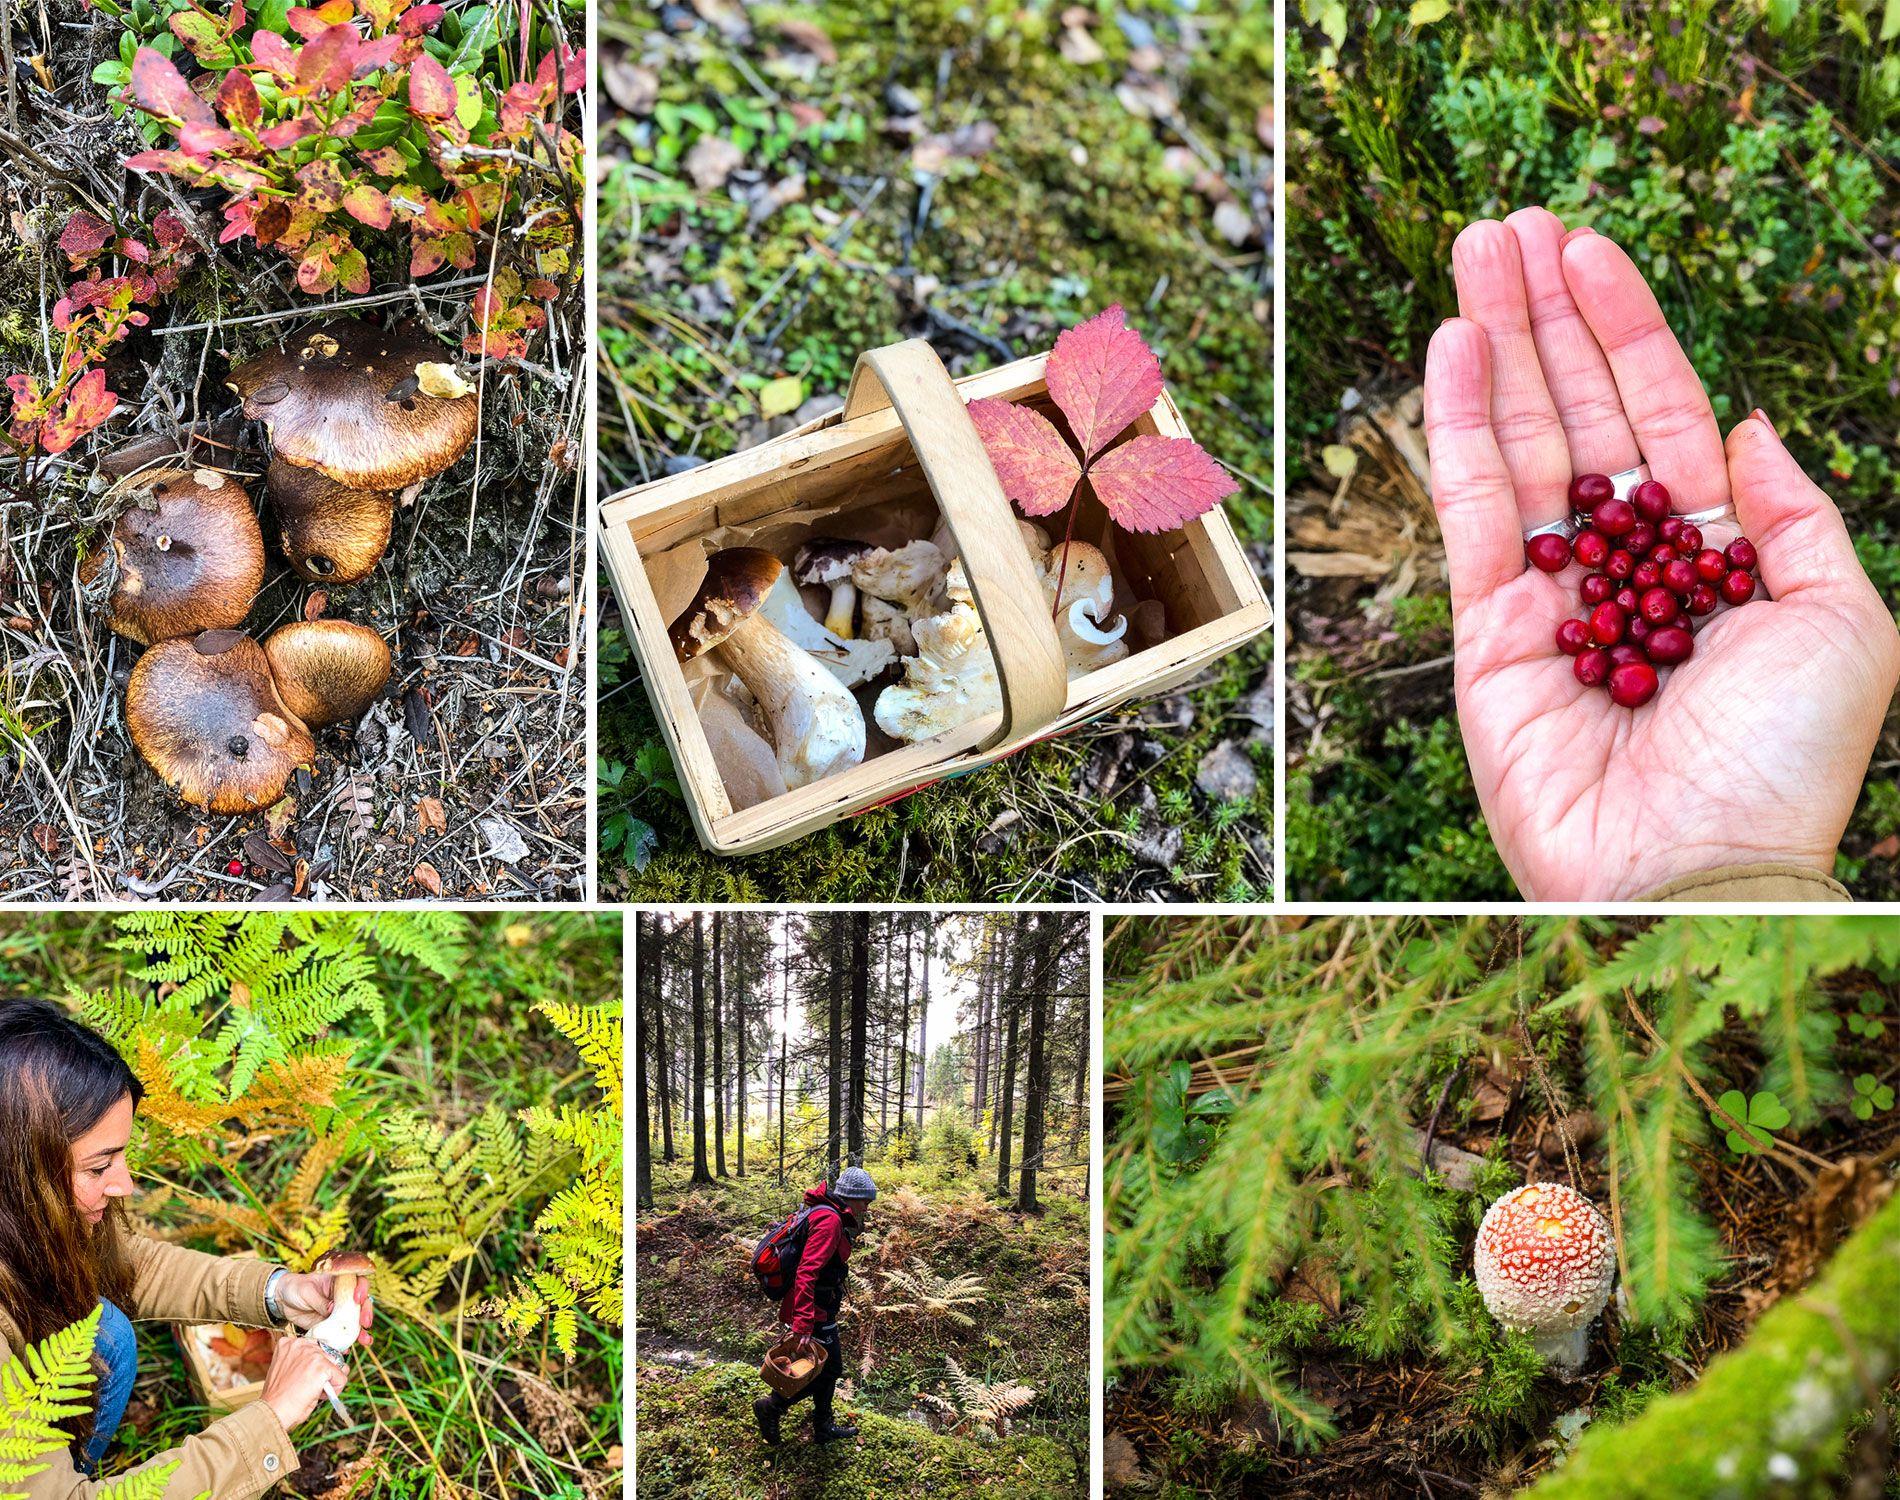 Finlande | automne | région grands lacs| champignons | baies